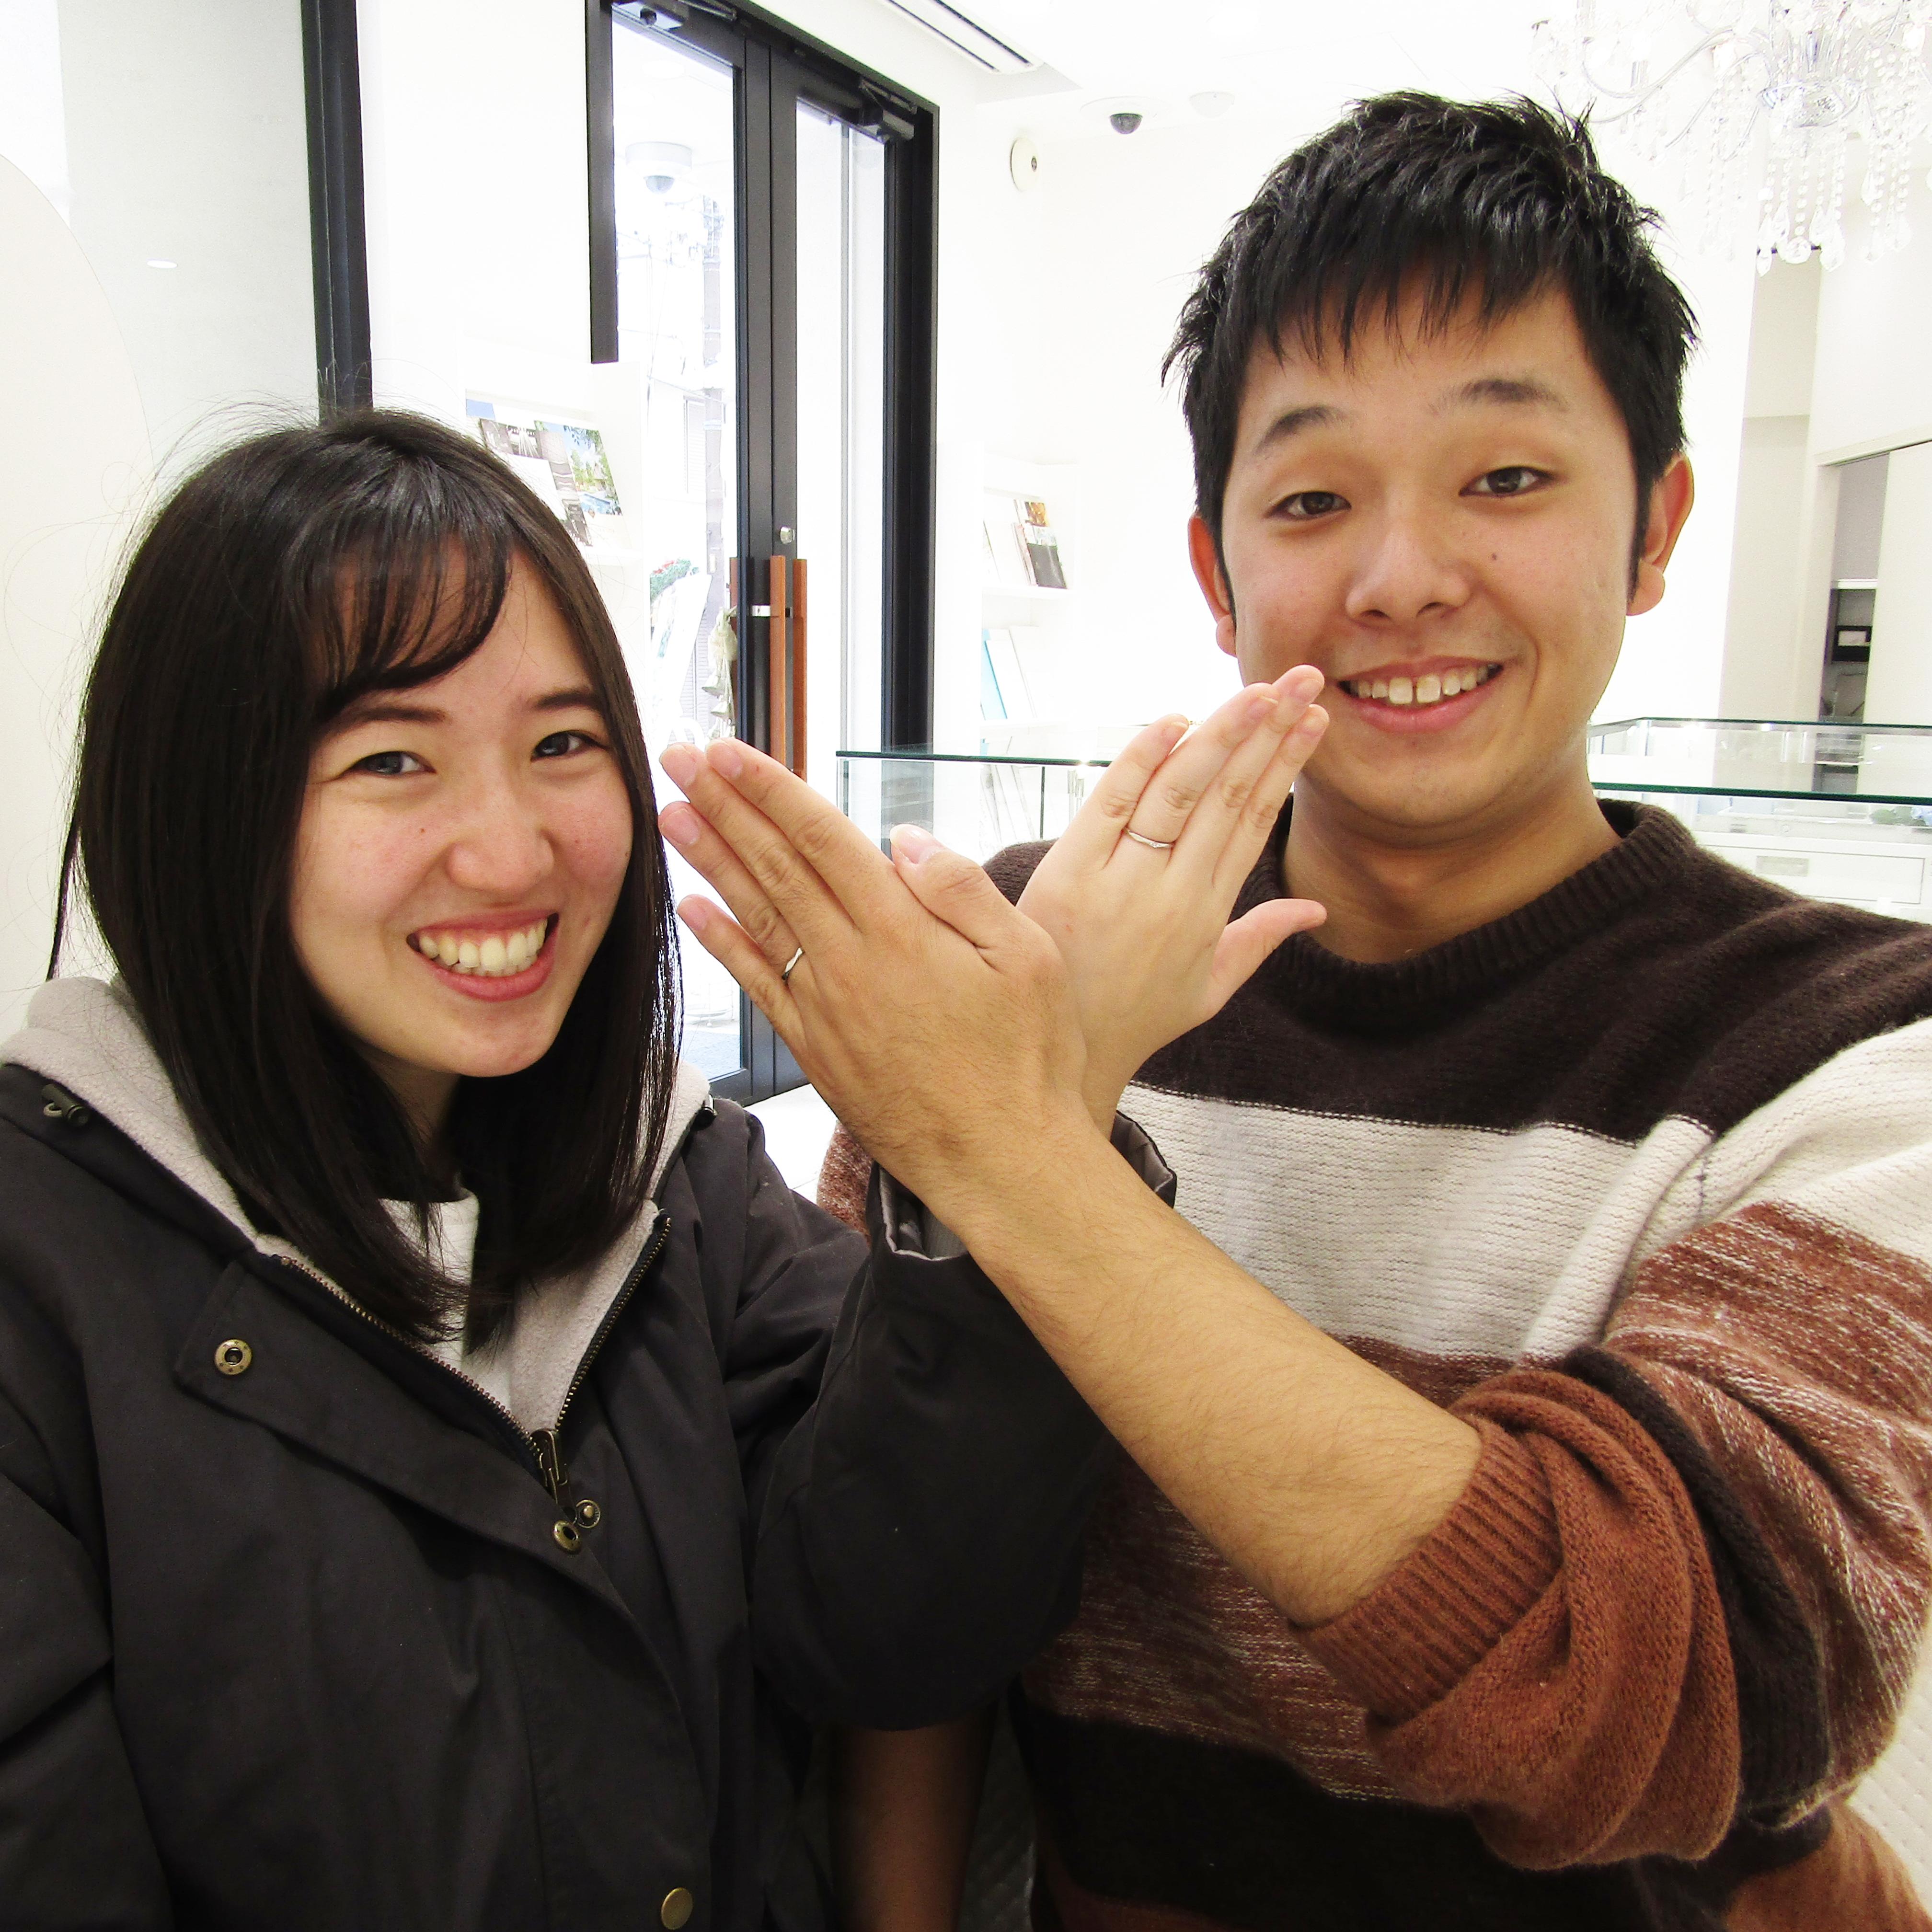 指輪ができて嬉しそう♡とっても素敵な笑顔を頂きました!